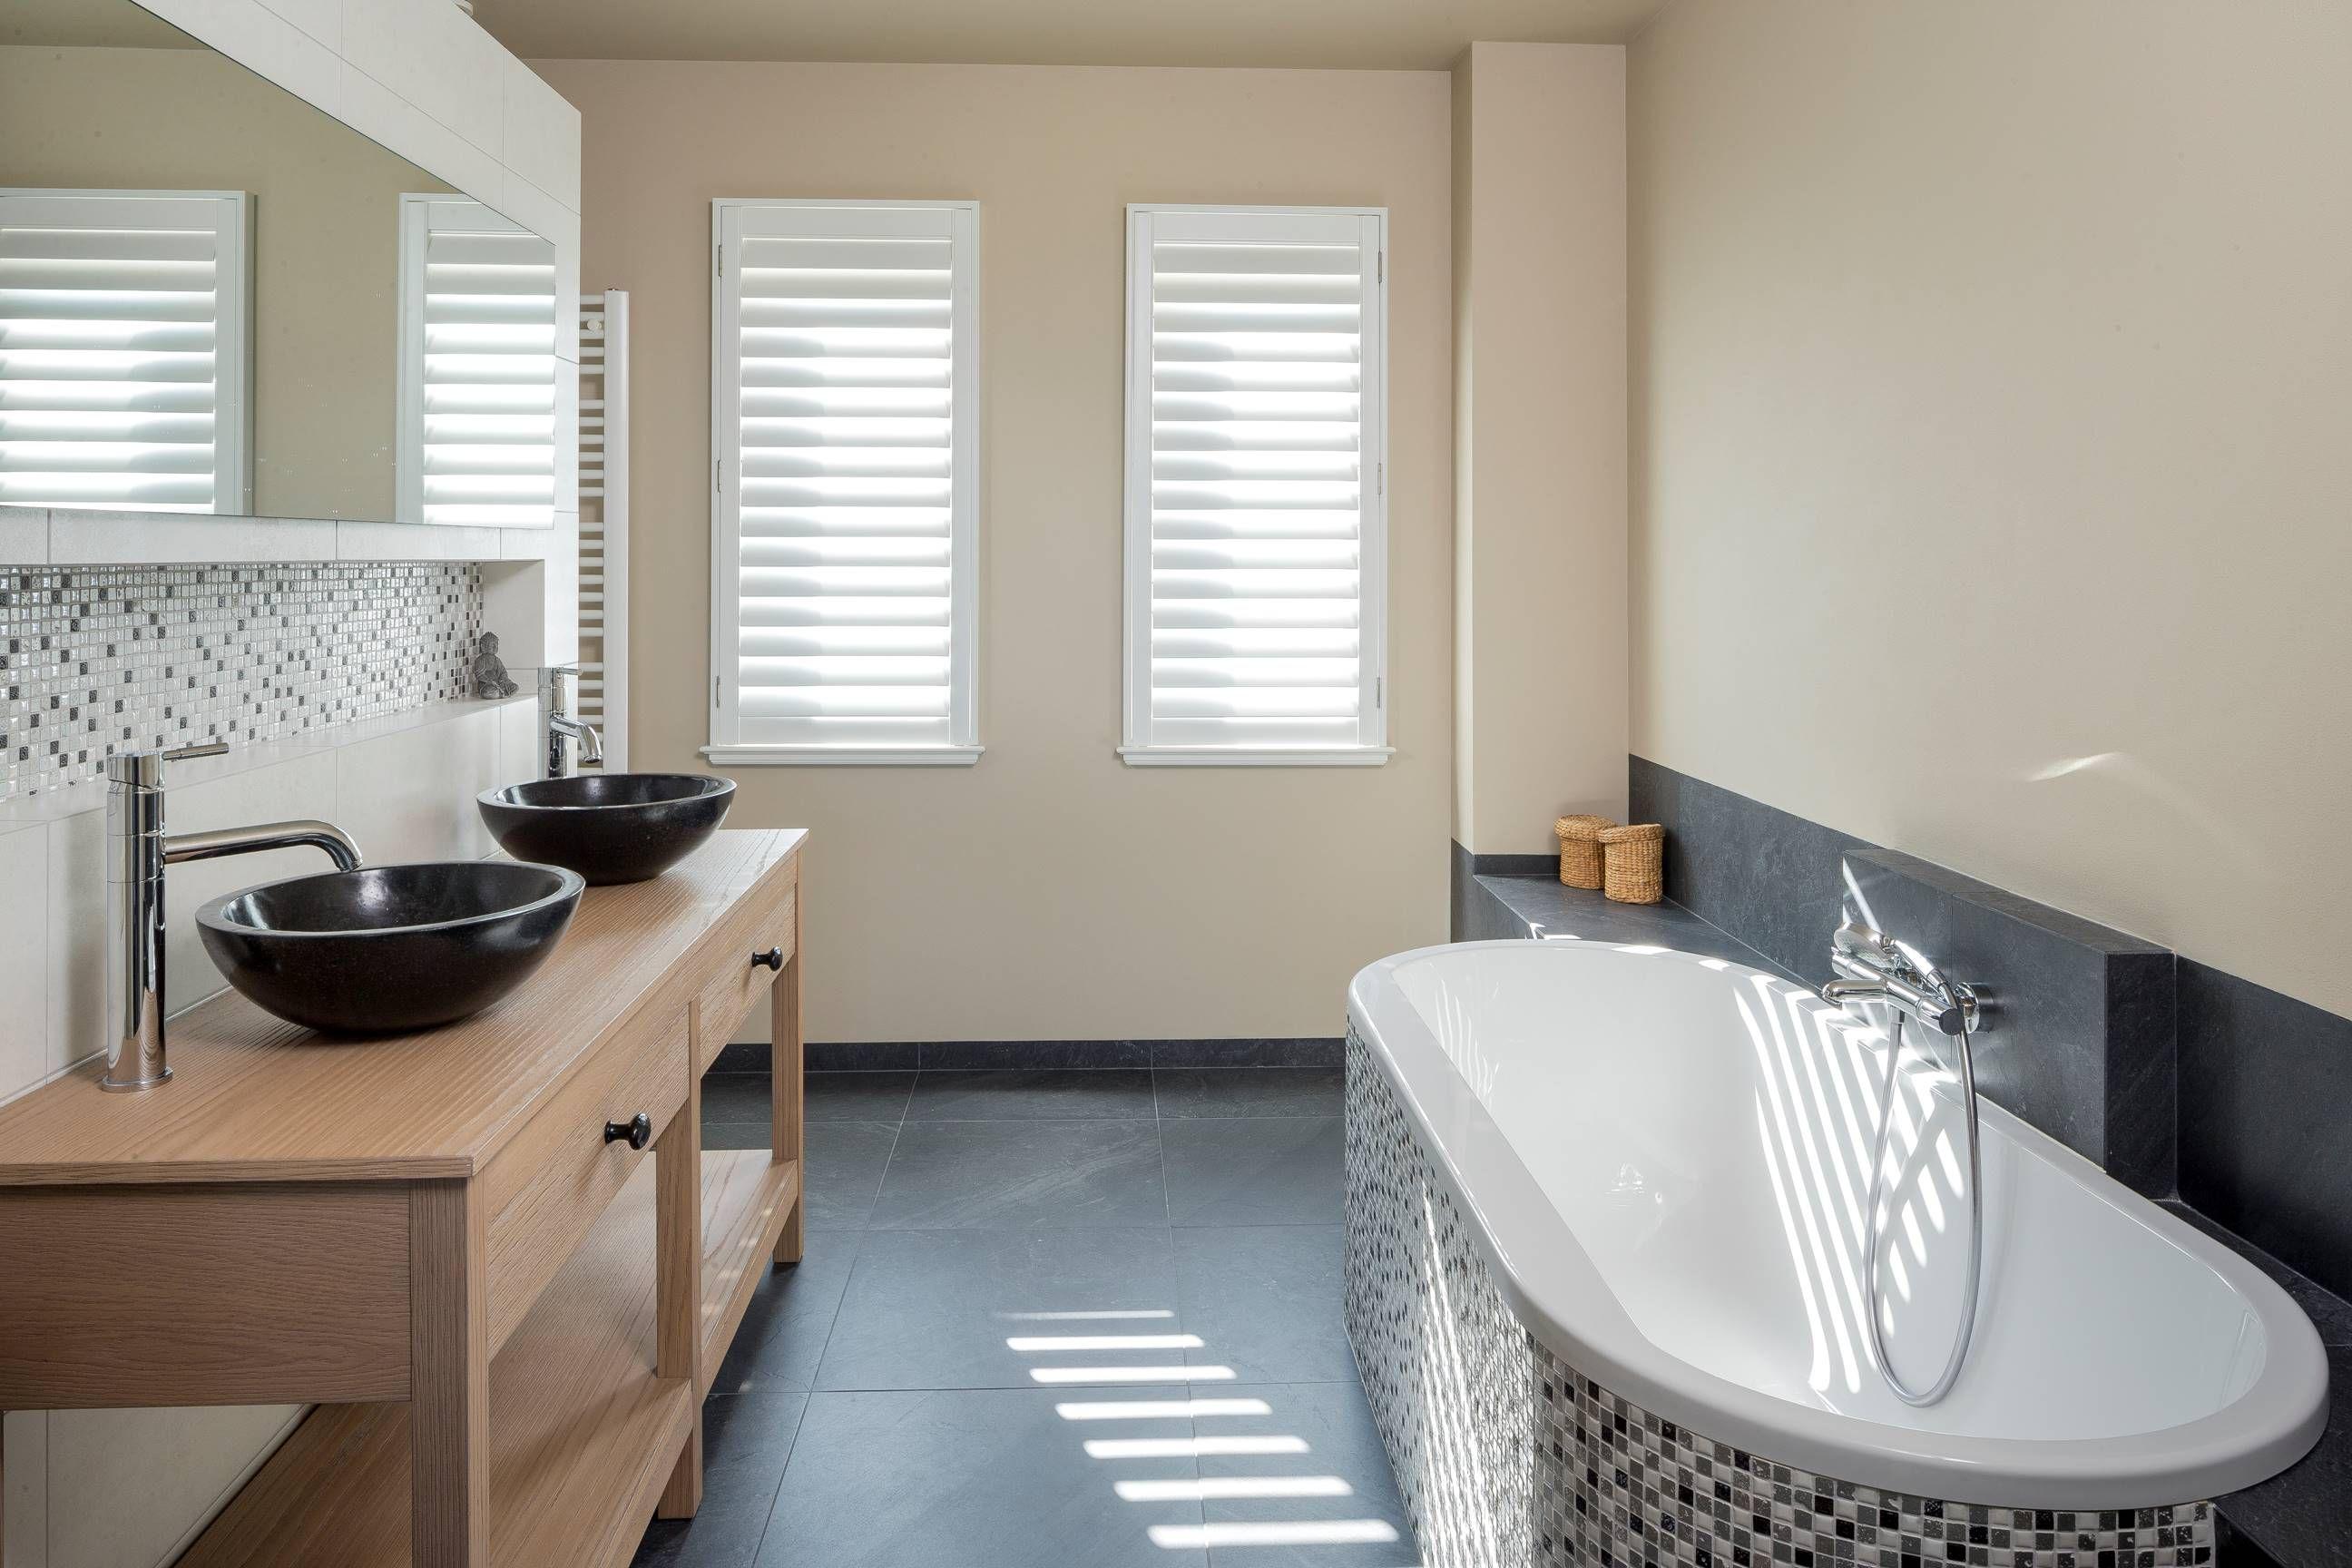 Raamdecoratie In Badkamer : Raamdecoratie voor de badkamer lastig te vinden nee hoor van